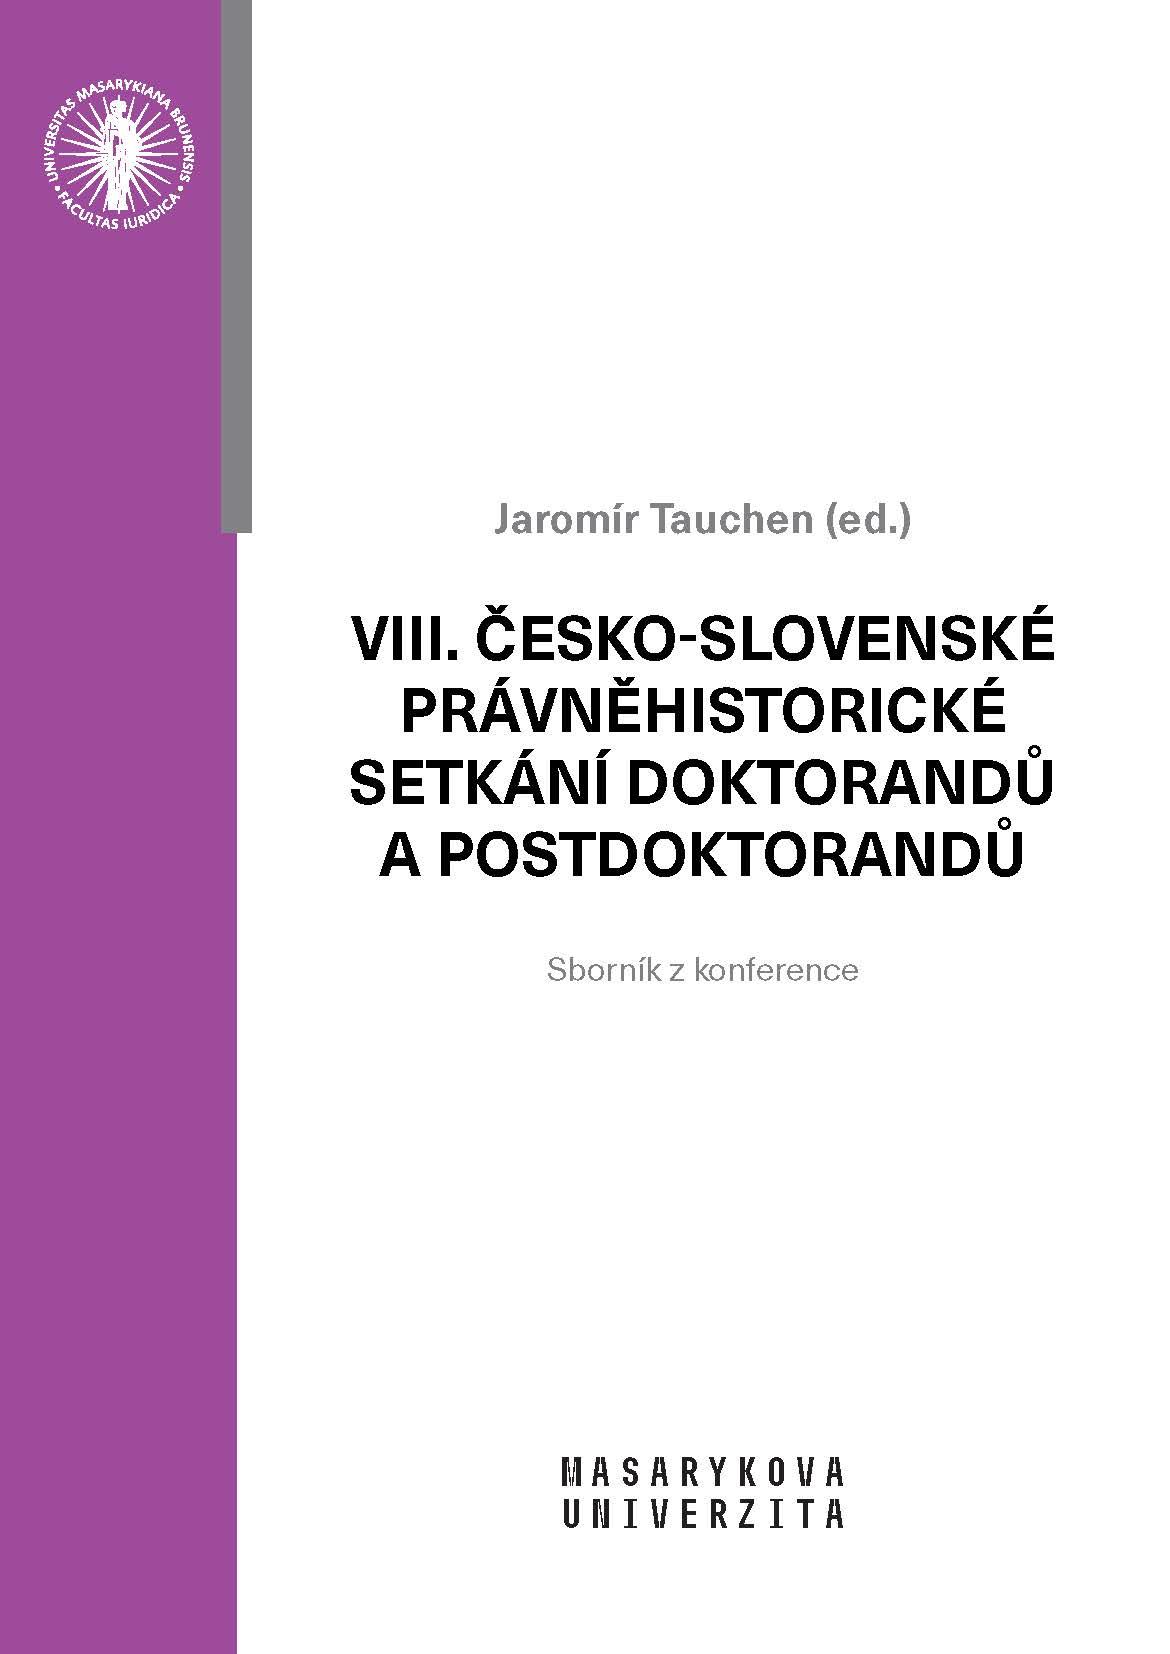 Obálka pro VIII. česko-slovenské právněhistorické setkání doktorandů a postdoktorandů. Sborník z konference